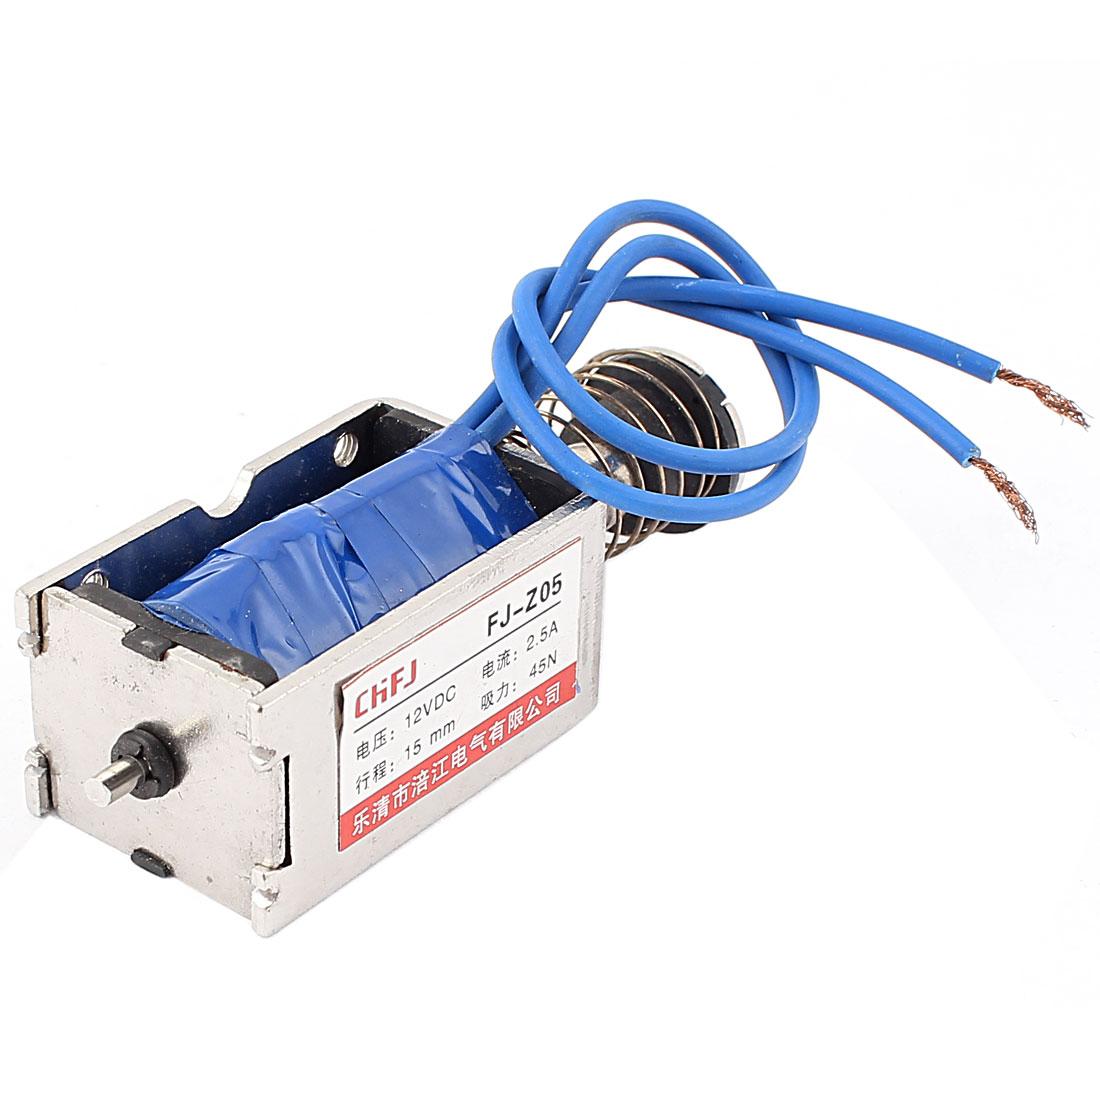 Push Pull Type DIY DC Electromagnet Magnet Solenoid 15mm 45N DC 12V 2.5A